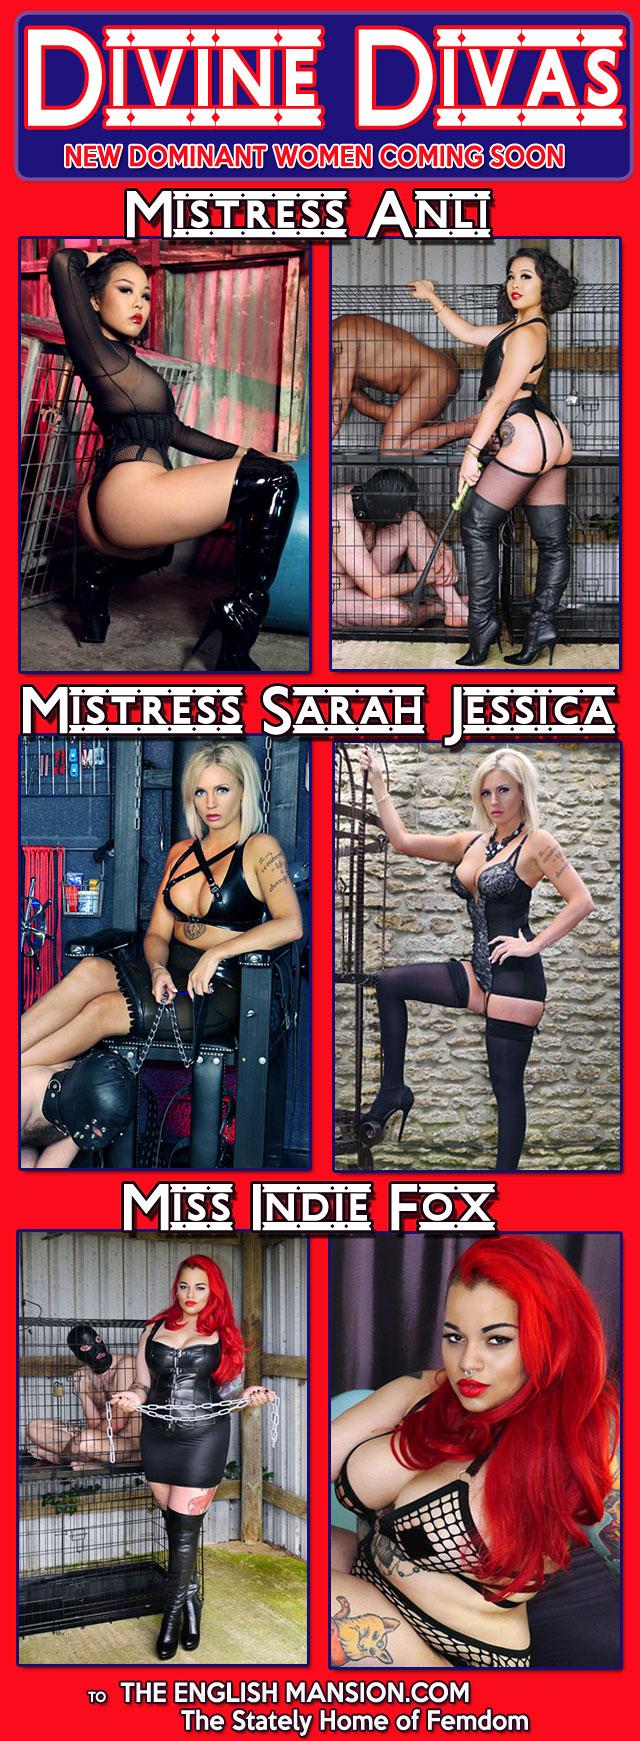 new-dominas-2016-MistressAnLi-Sarahjessica-IndieFox-